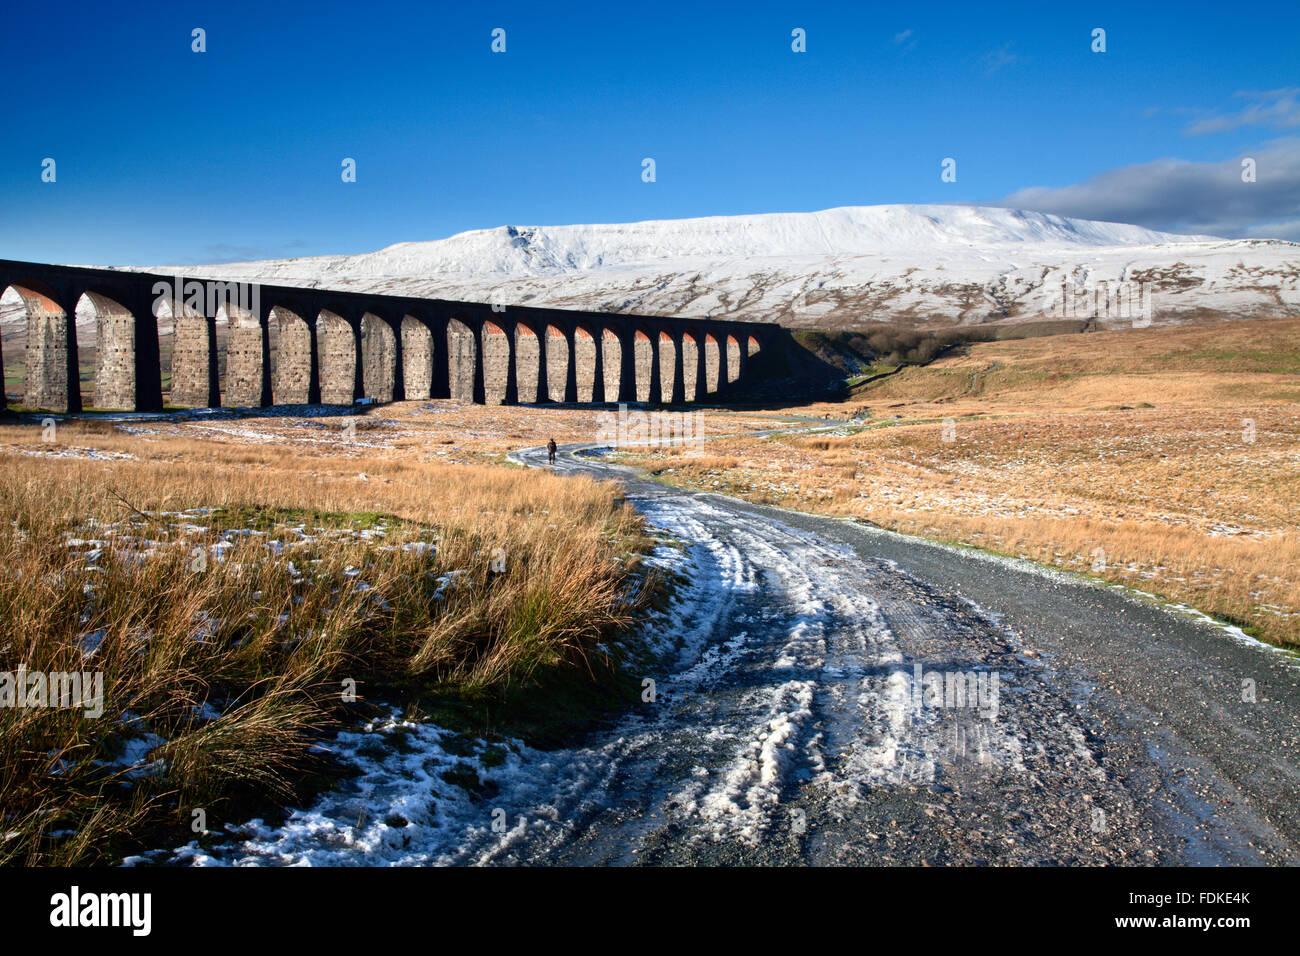 Viadotto Ribblehead e Whernside in inverno Ribblehead Yorkshire Dales Inghilterra Immagini Stock